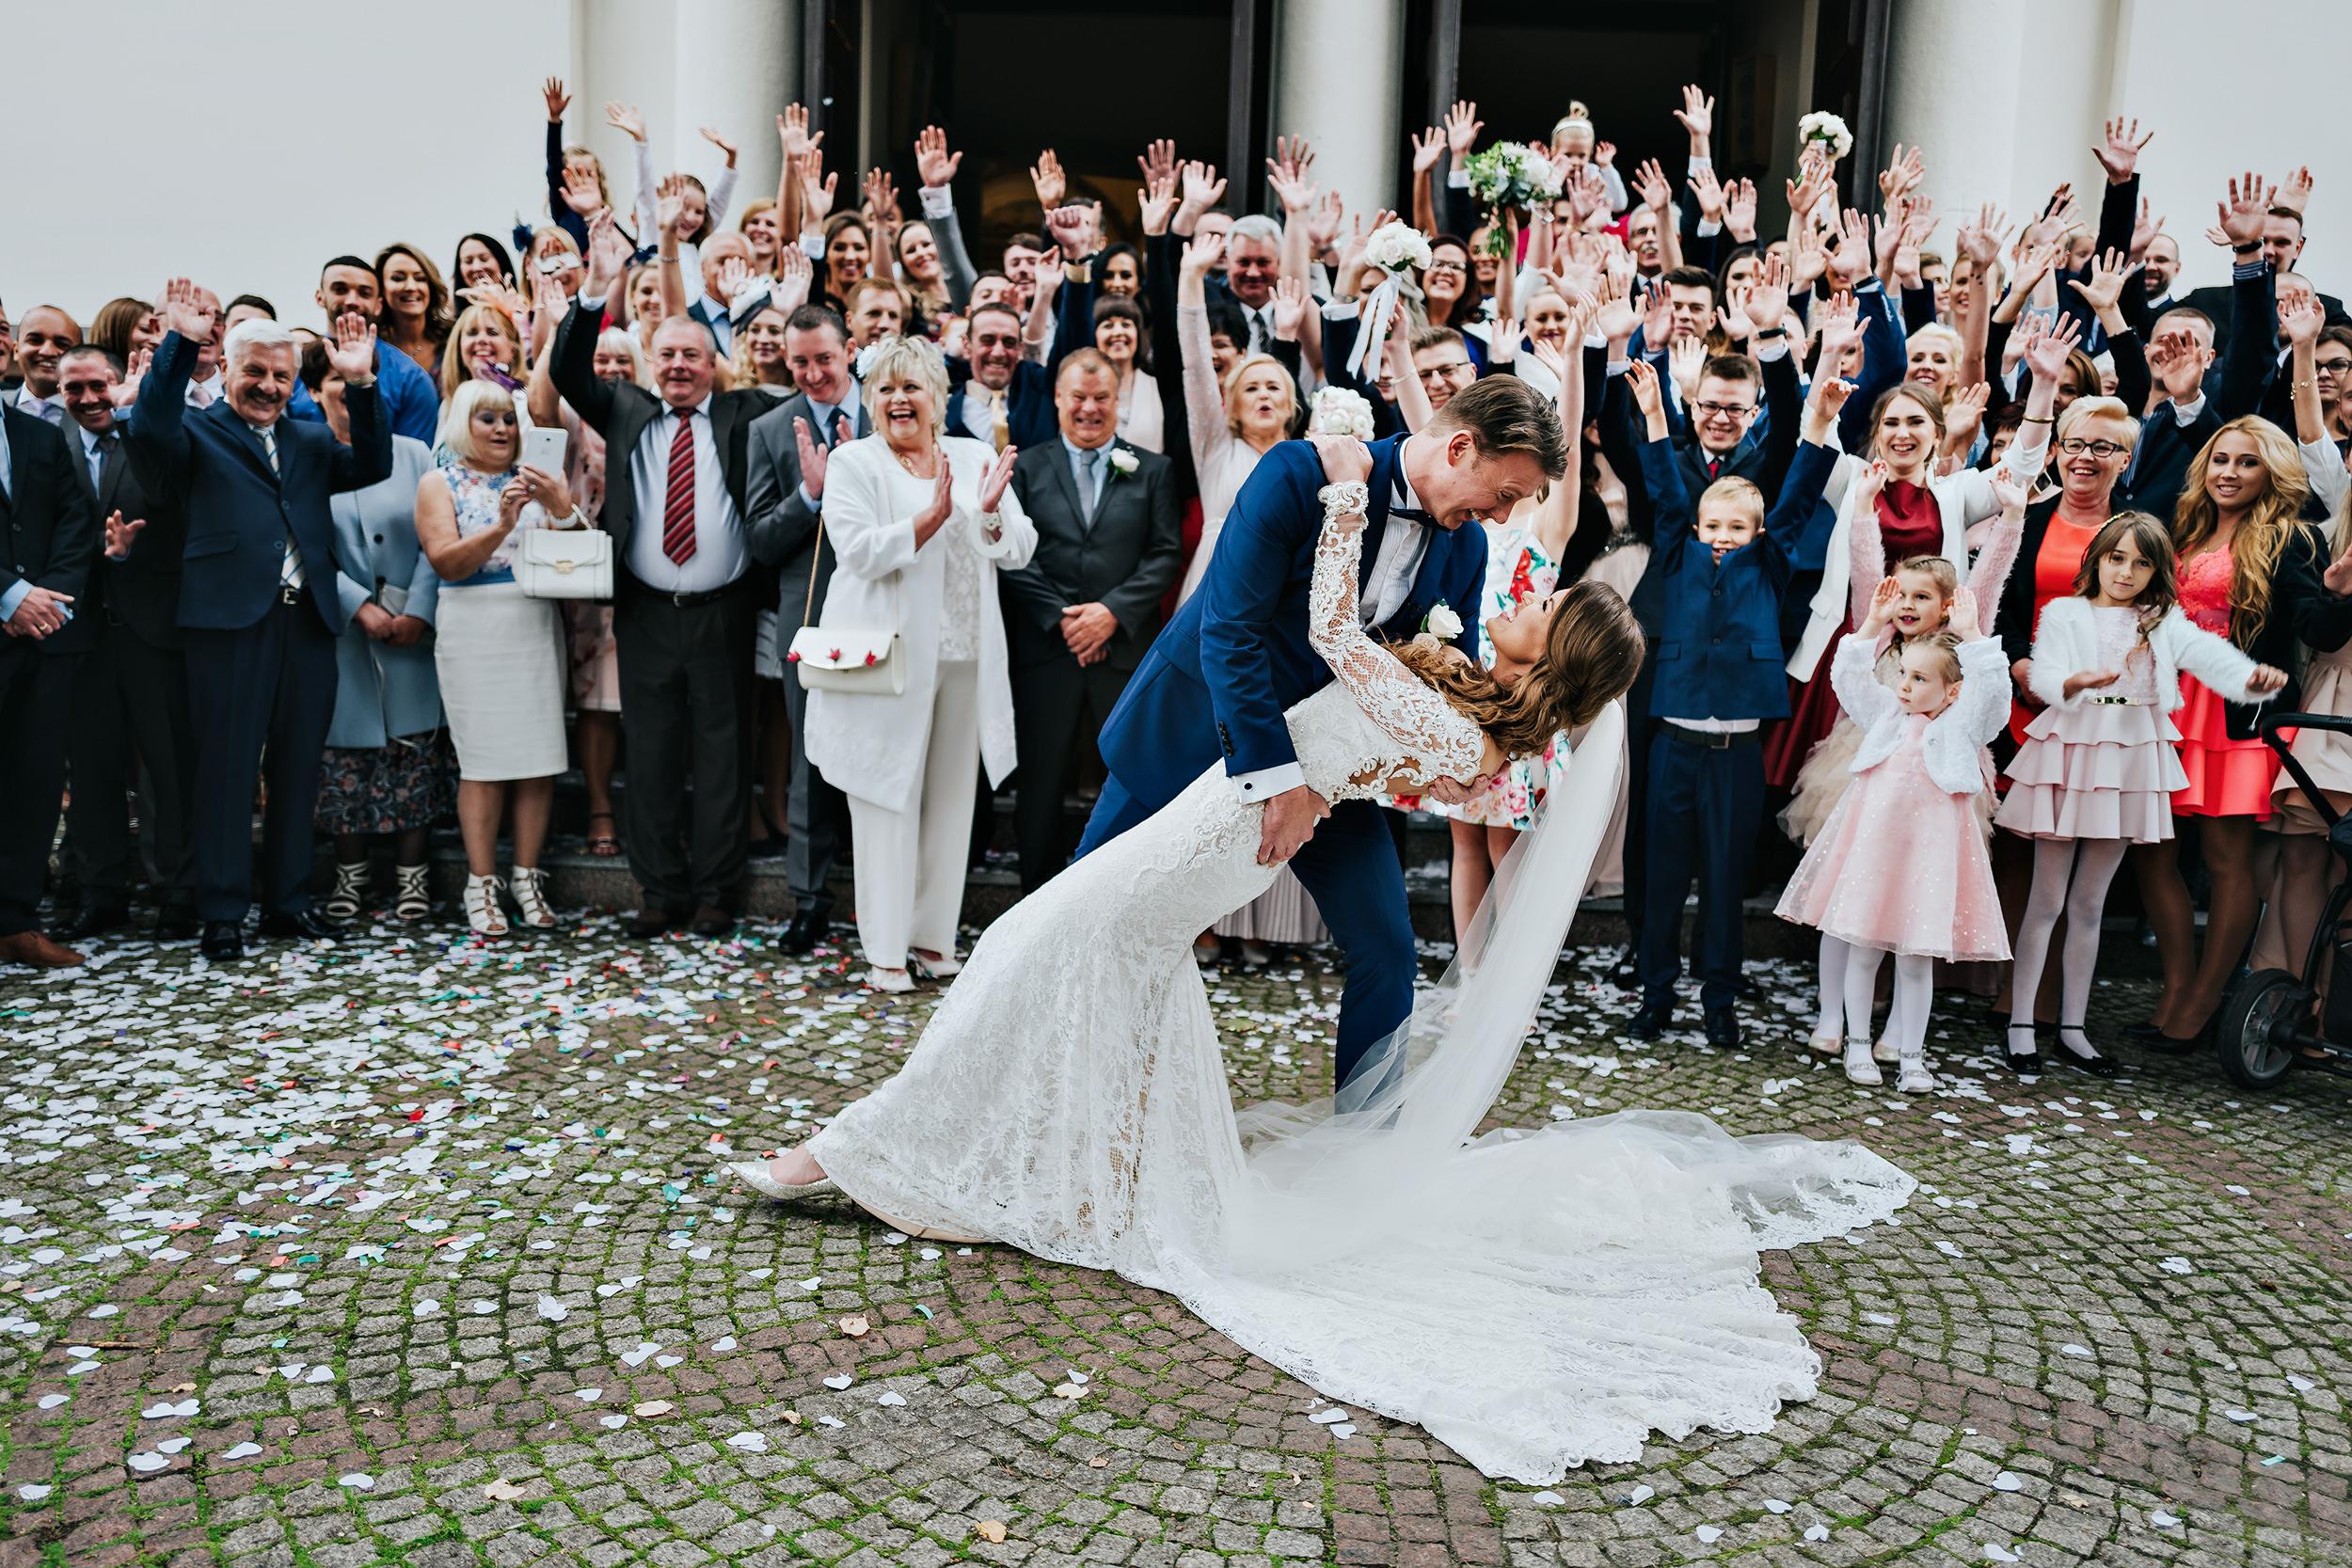 213 zdjęcia ślubne bydgoszcz.jpg